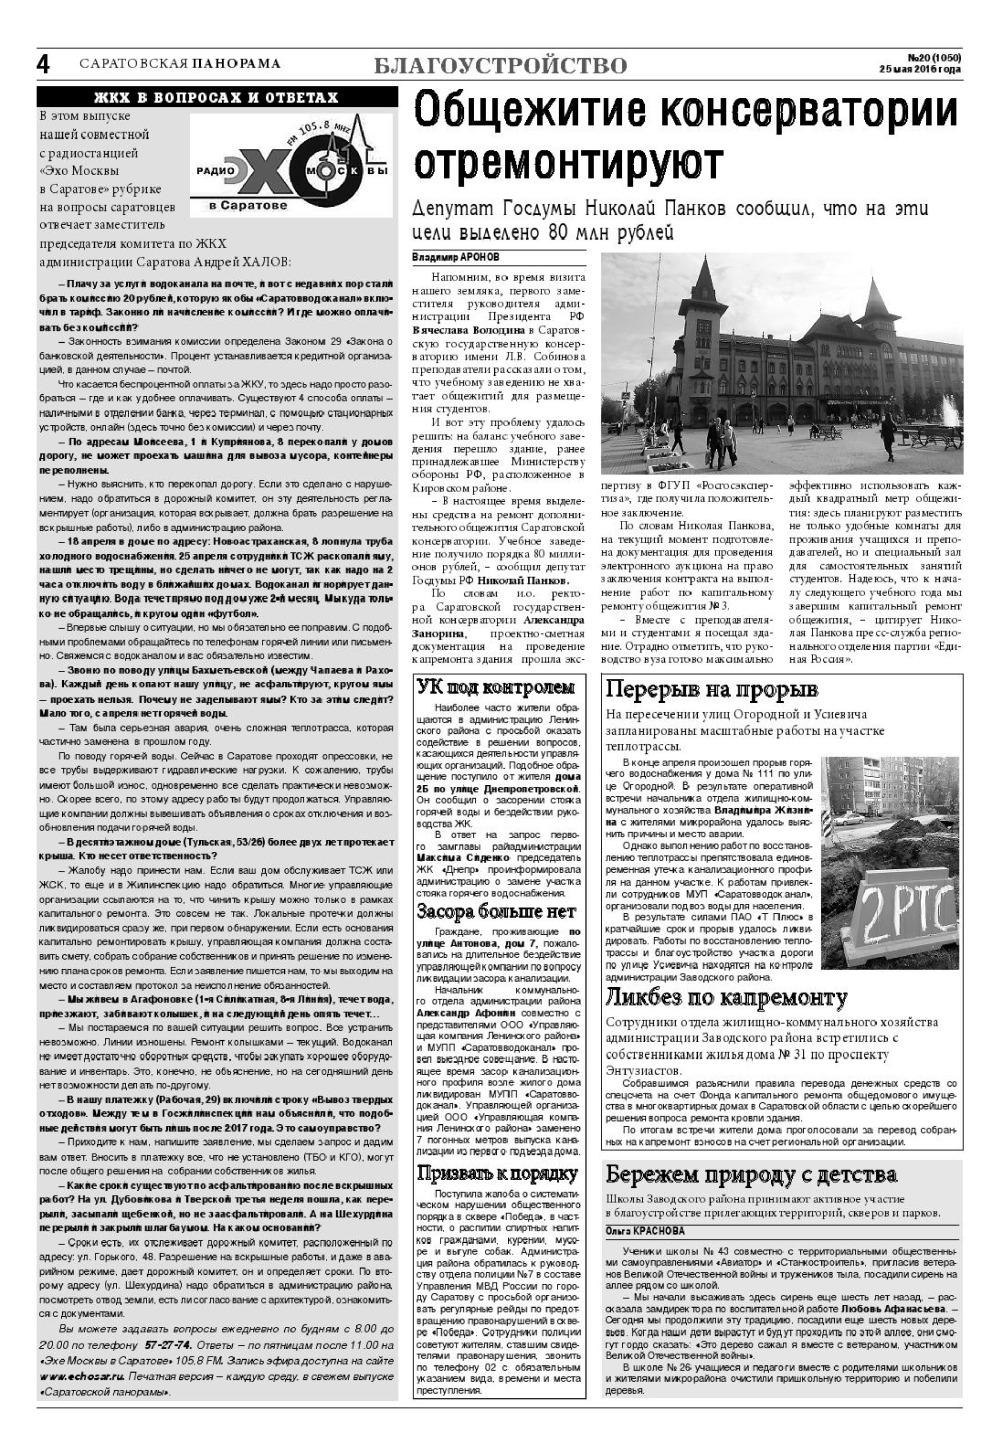 Авиабилеты до москвы для пенсионеров в